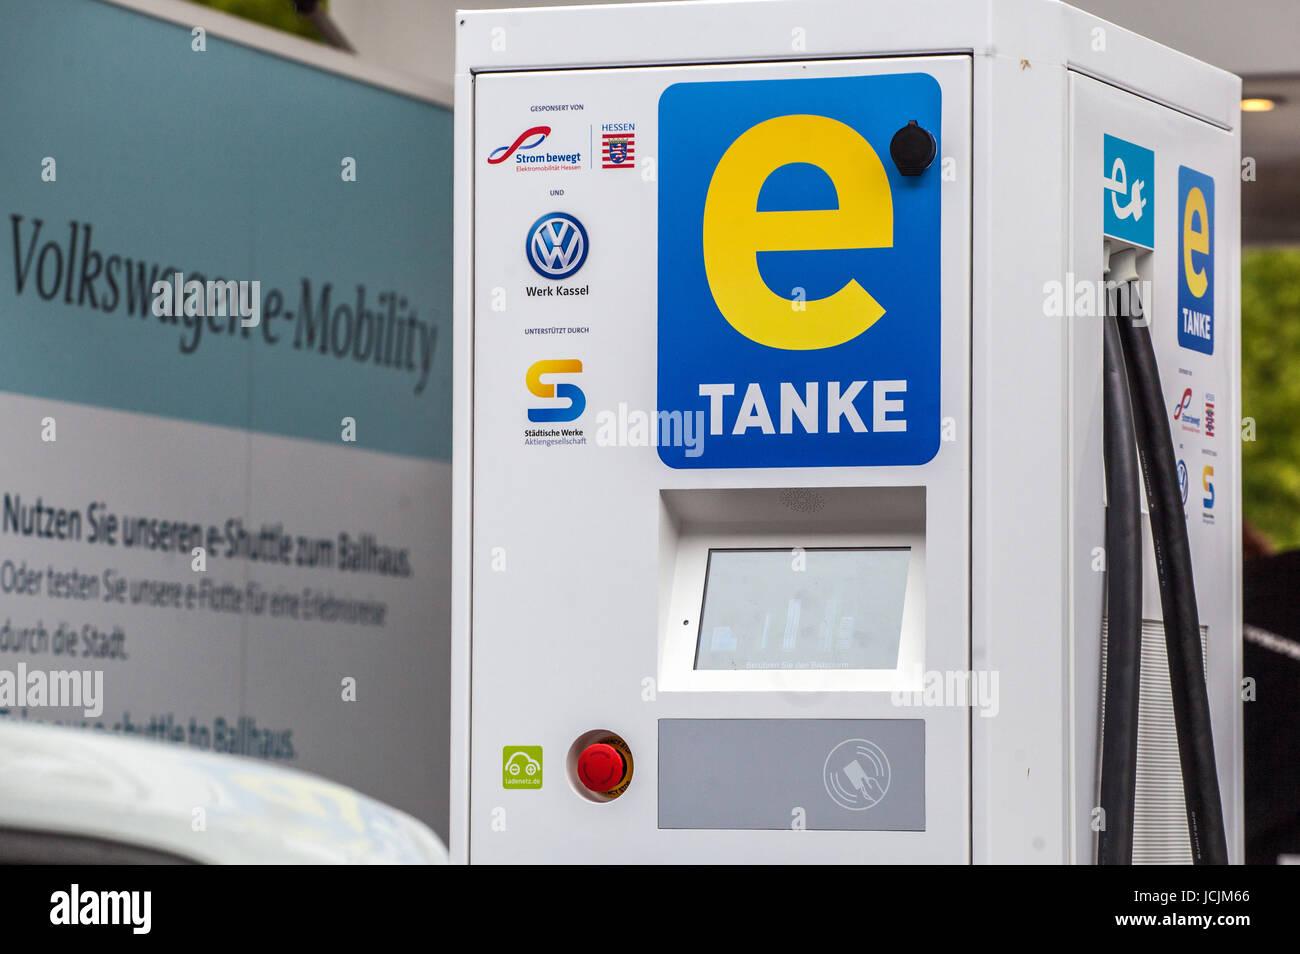 Ladestation für Elektro-Autos, Volkswagen, E-Mobilität, Kassel, Deutschland Stockbild